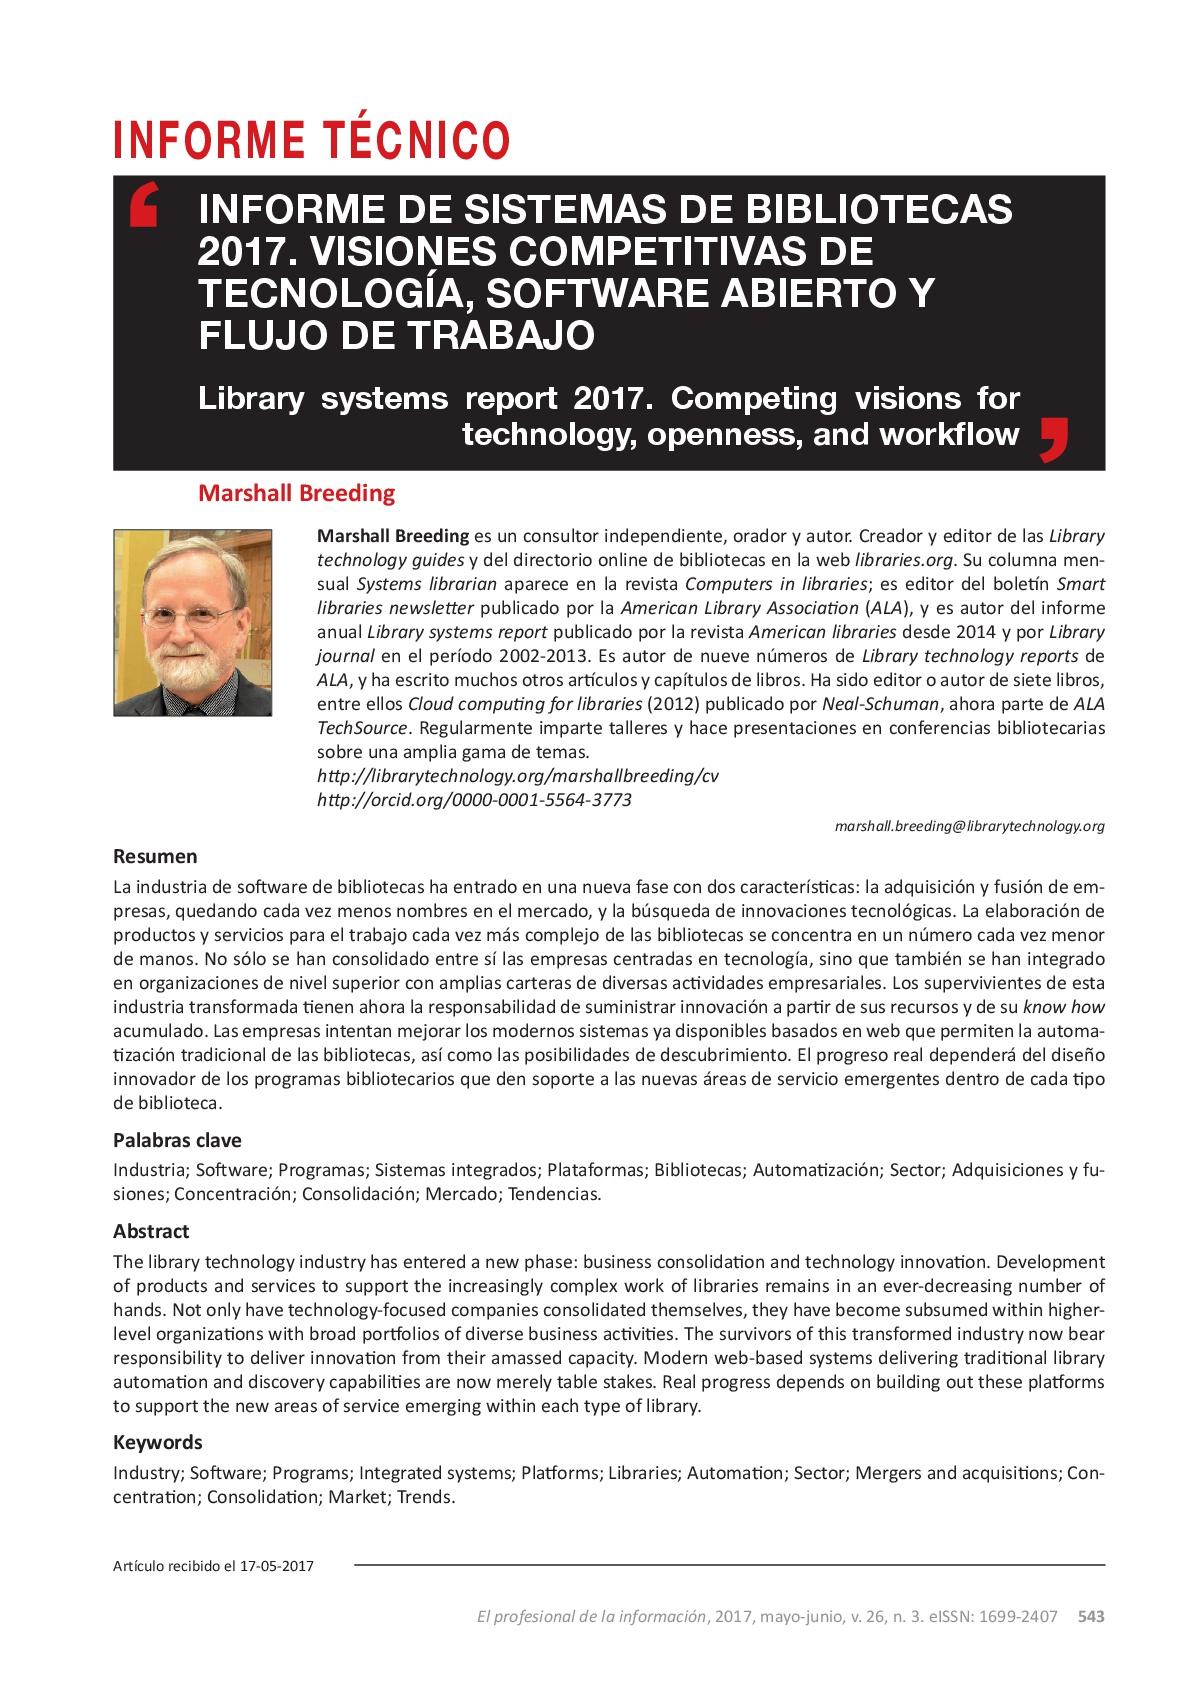 Informe de sistemas de bibliotecas 2017. Visiones competitivas de tecnología, software abierto y flujo de trabajo